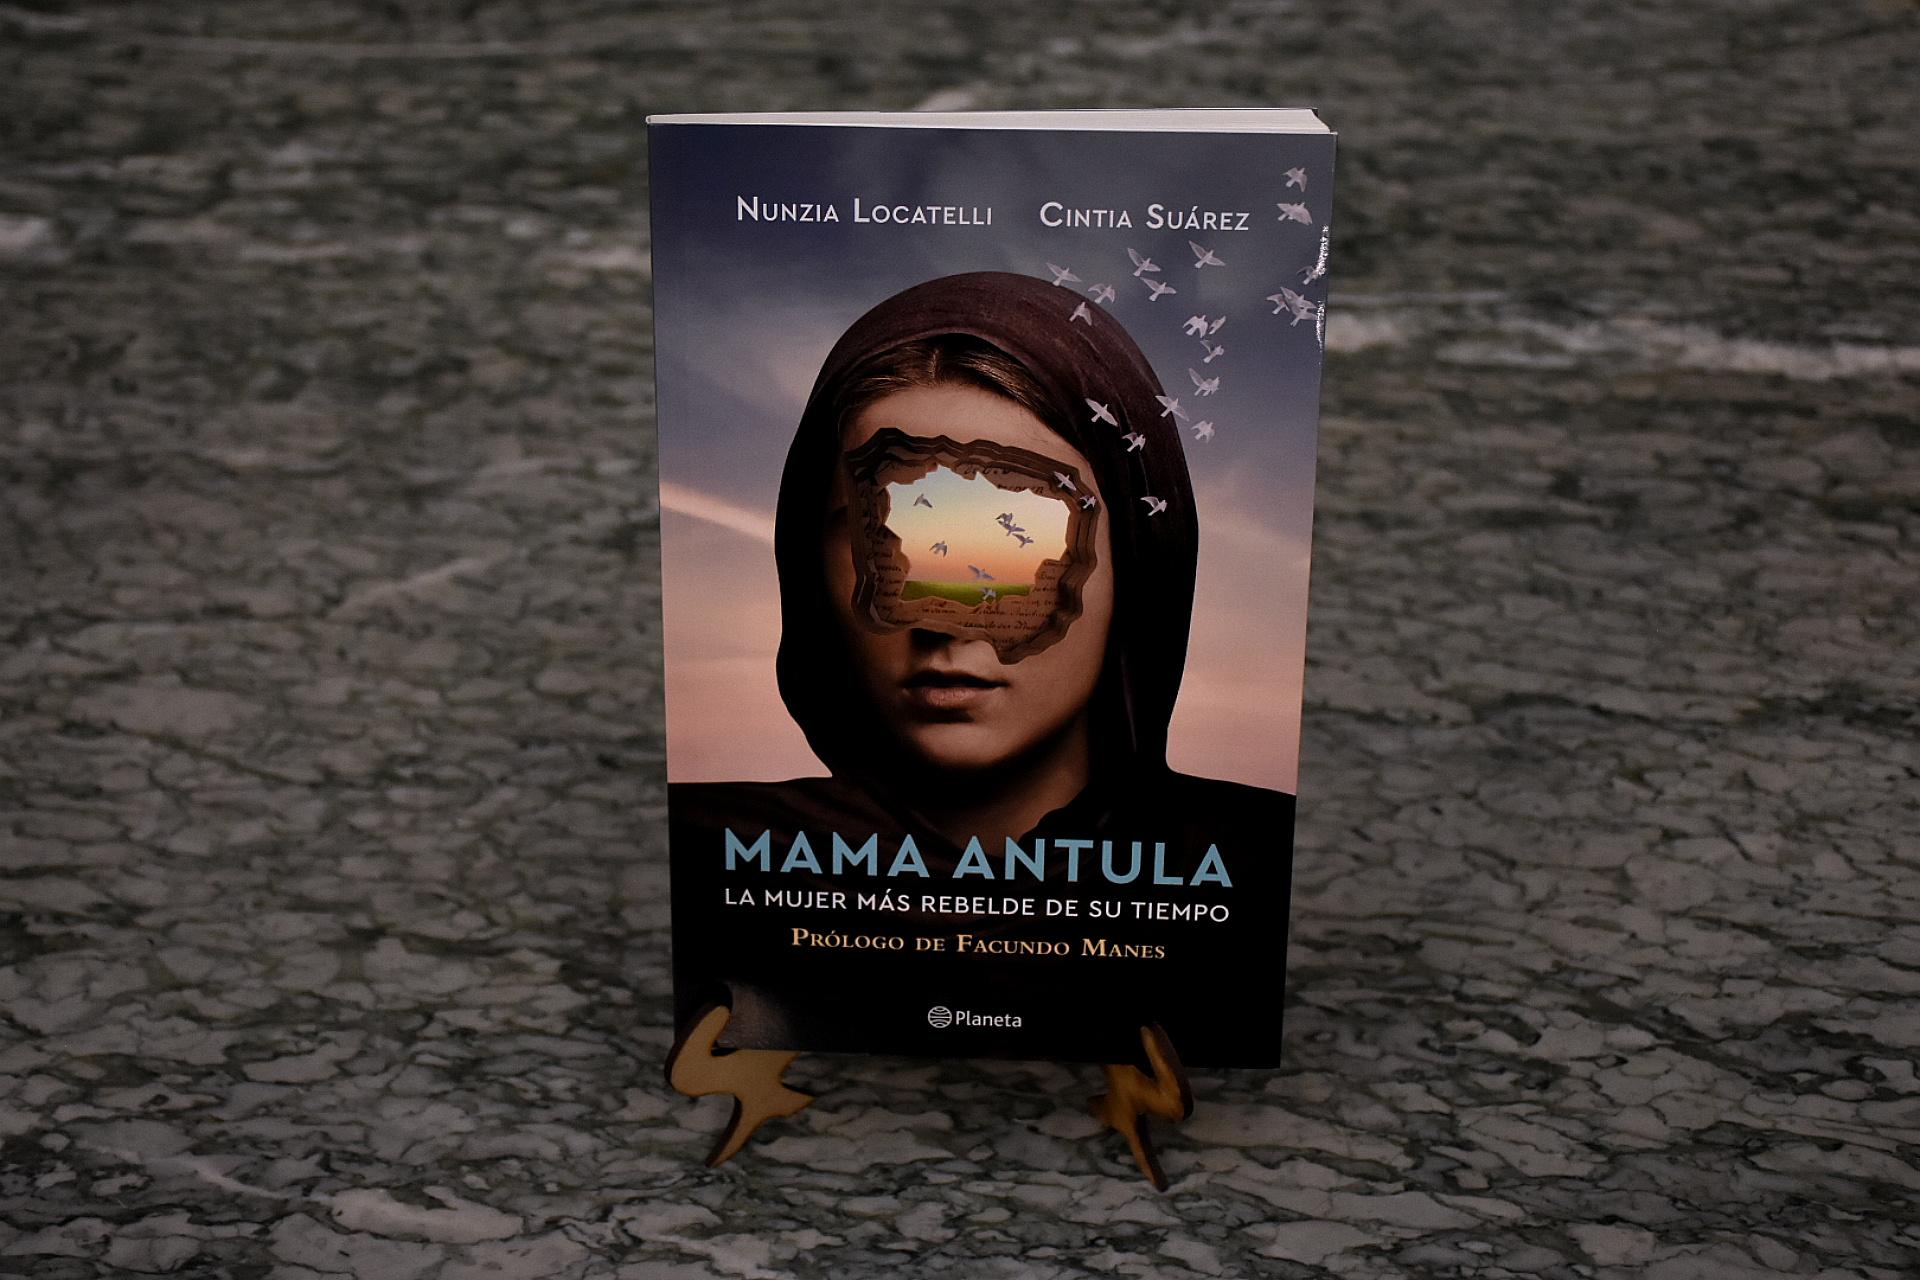 """""""Mama Antula, la mujer más rebelde de su tiempo"""", es un nuevo libro que devela una historia casi desconocida de una mujer defensora de los derechos humanos en plena época colonial"""